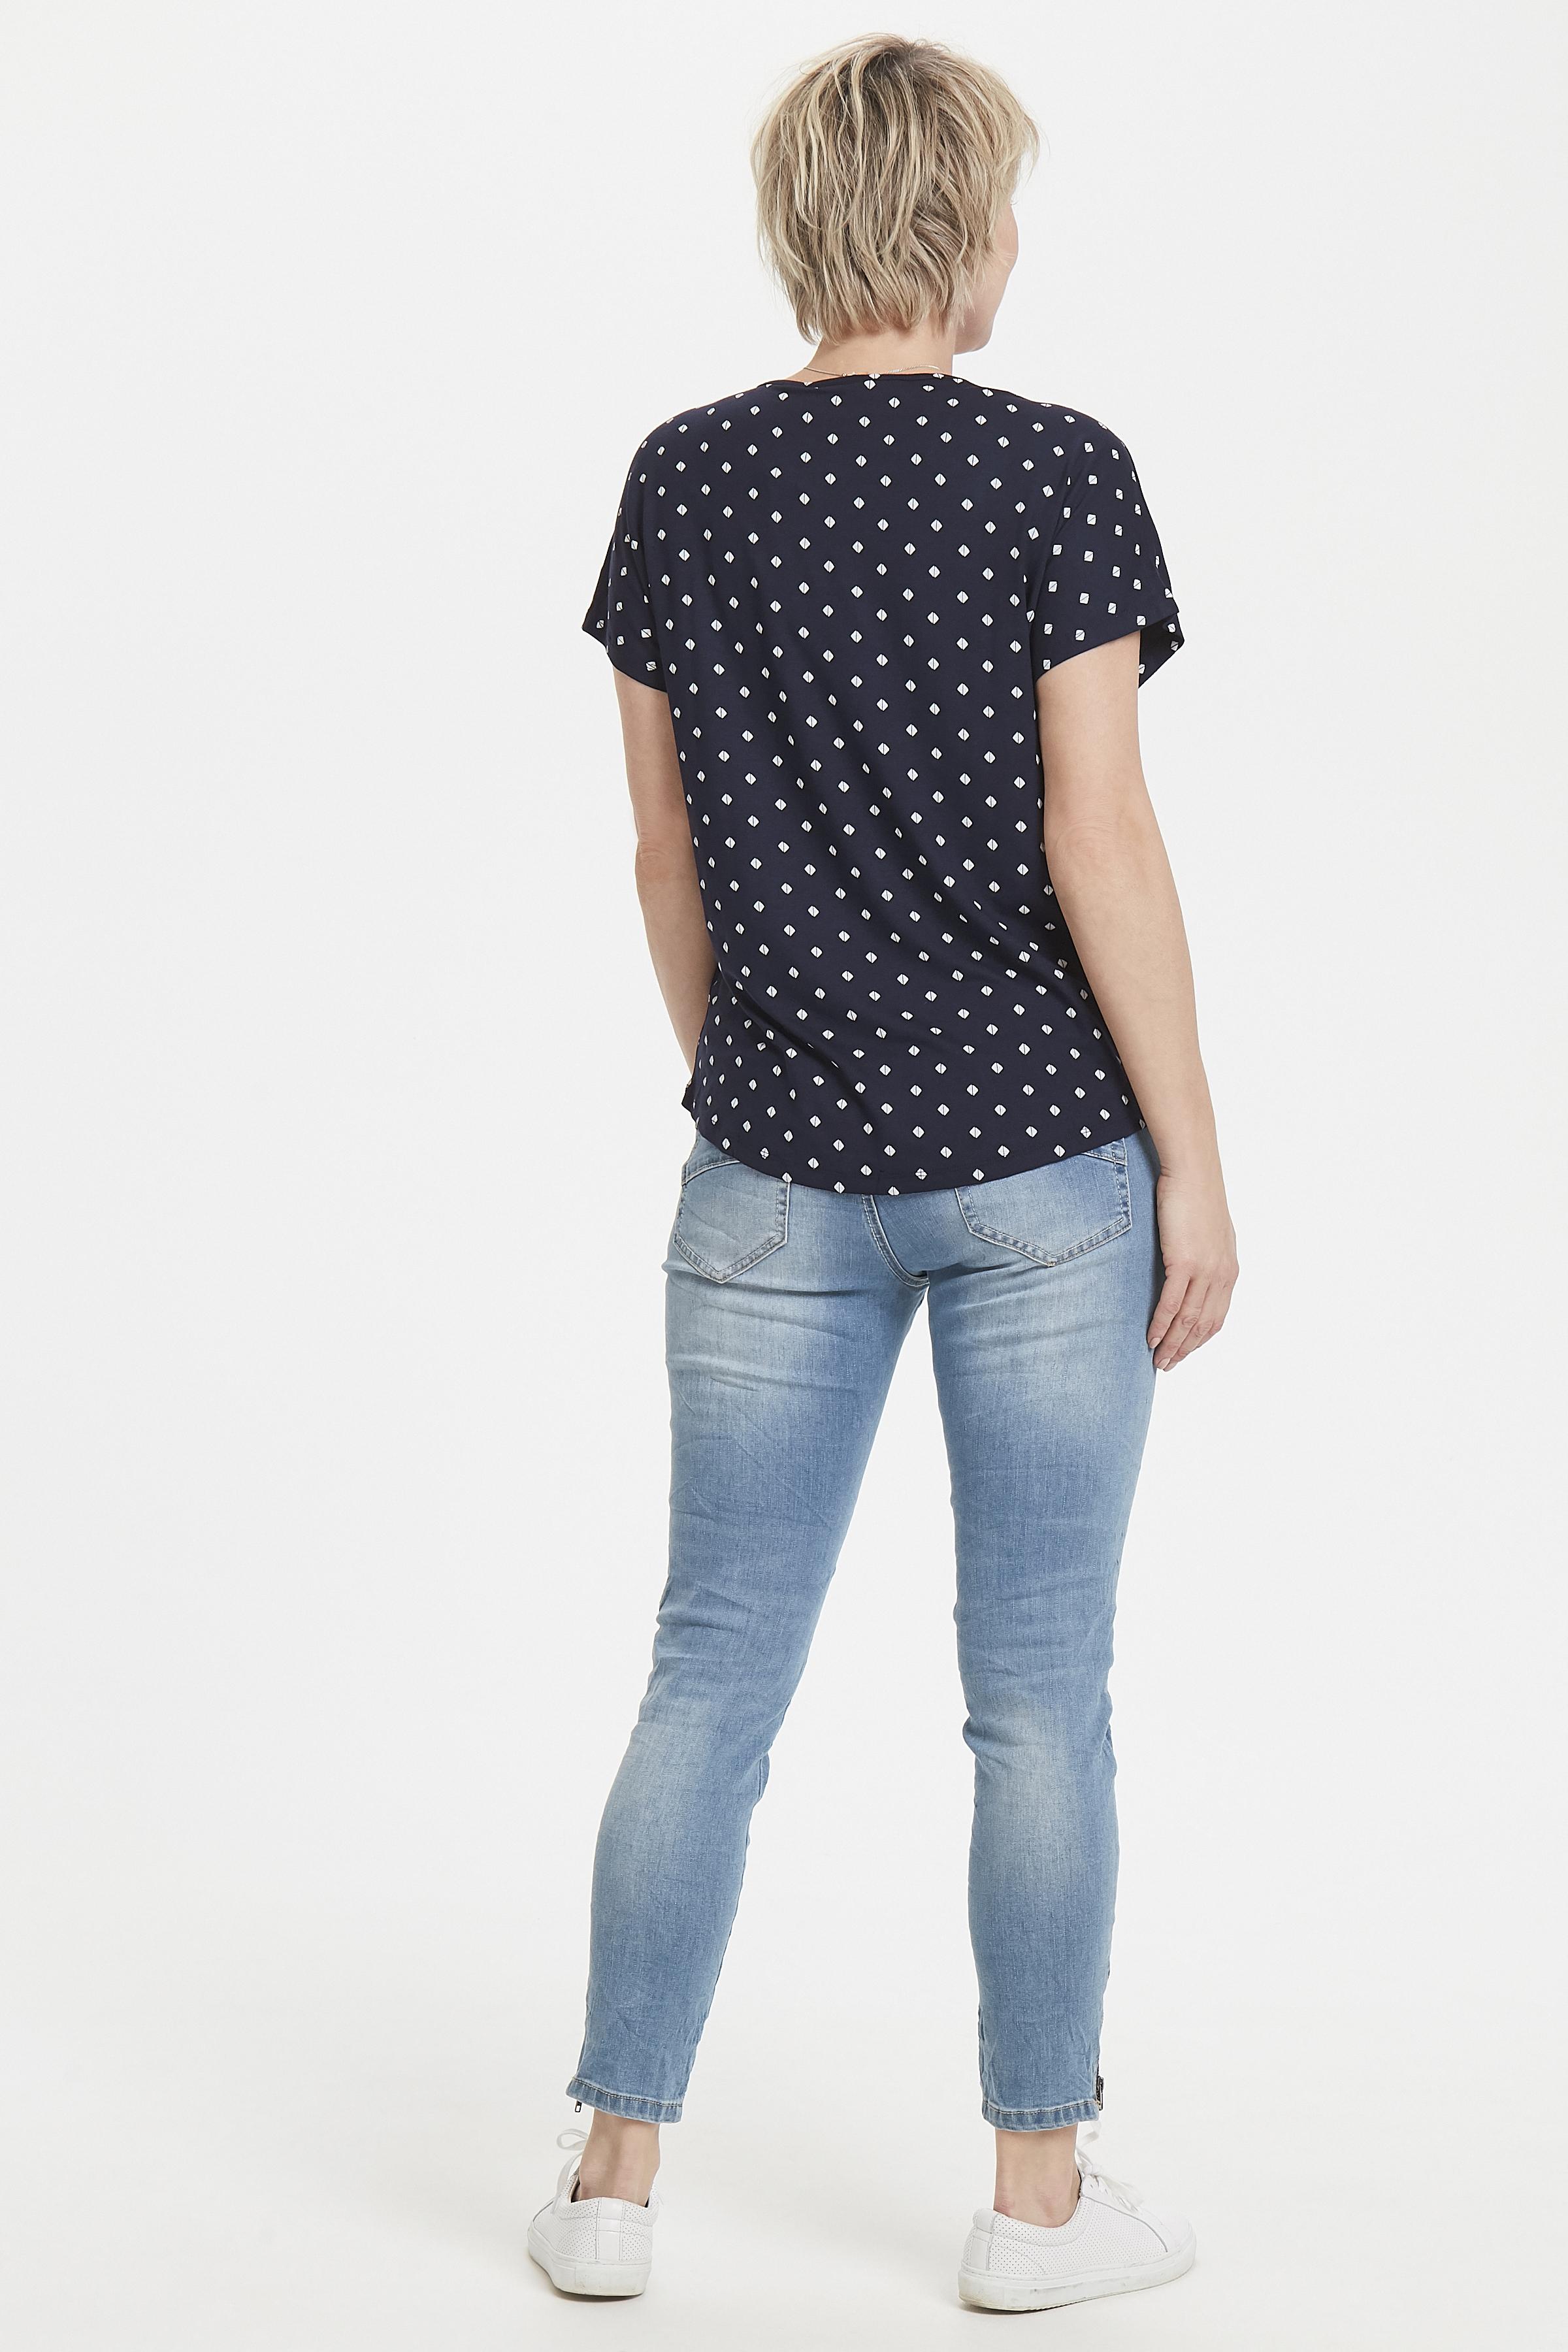 Marineblauw/wit Korte mouwen T-shirt  van Fransa – Door Marineblauw/wit Korte mouwen T-shirt  van maat. XS-XXL hier